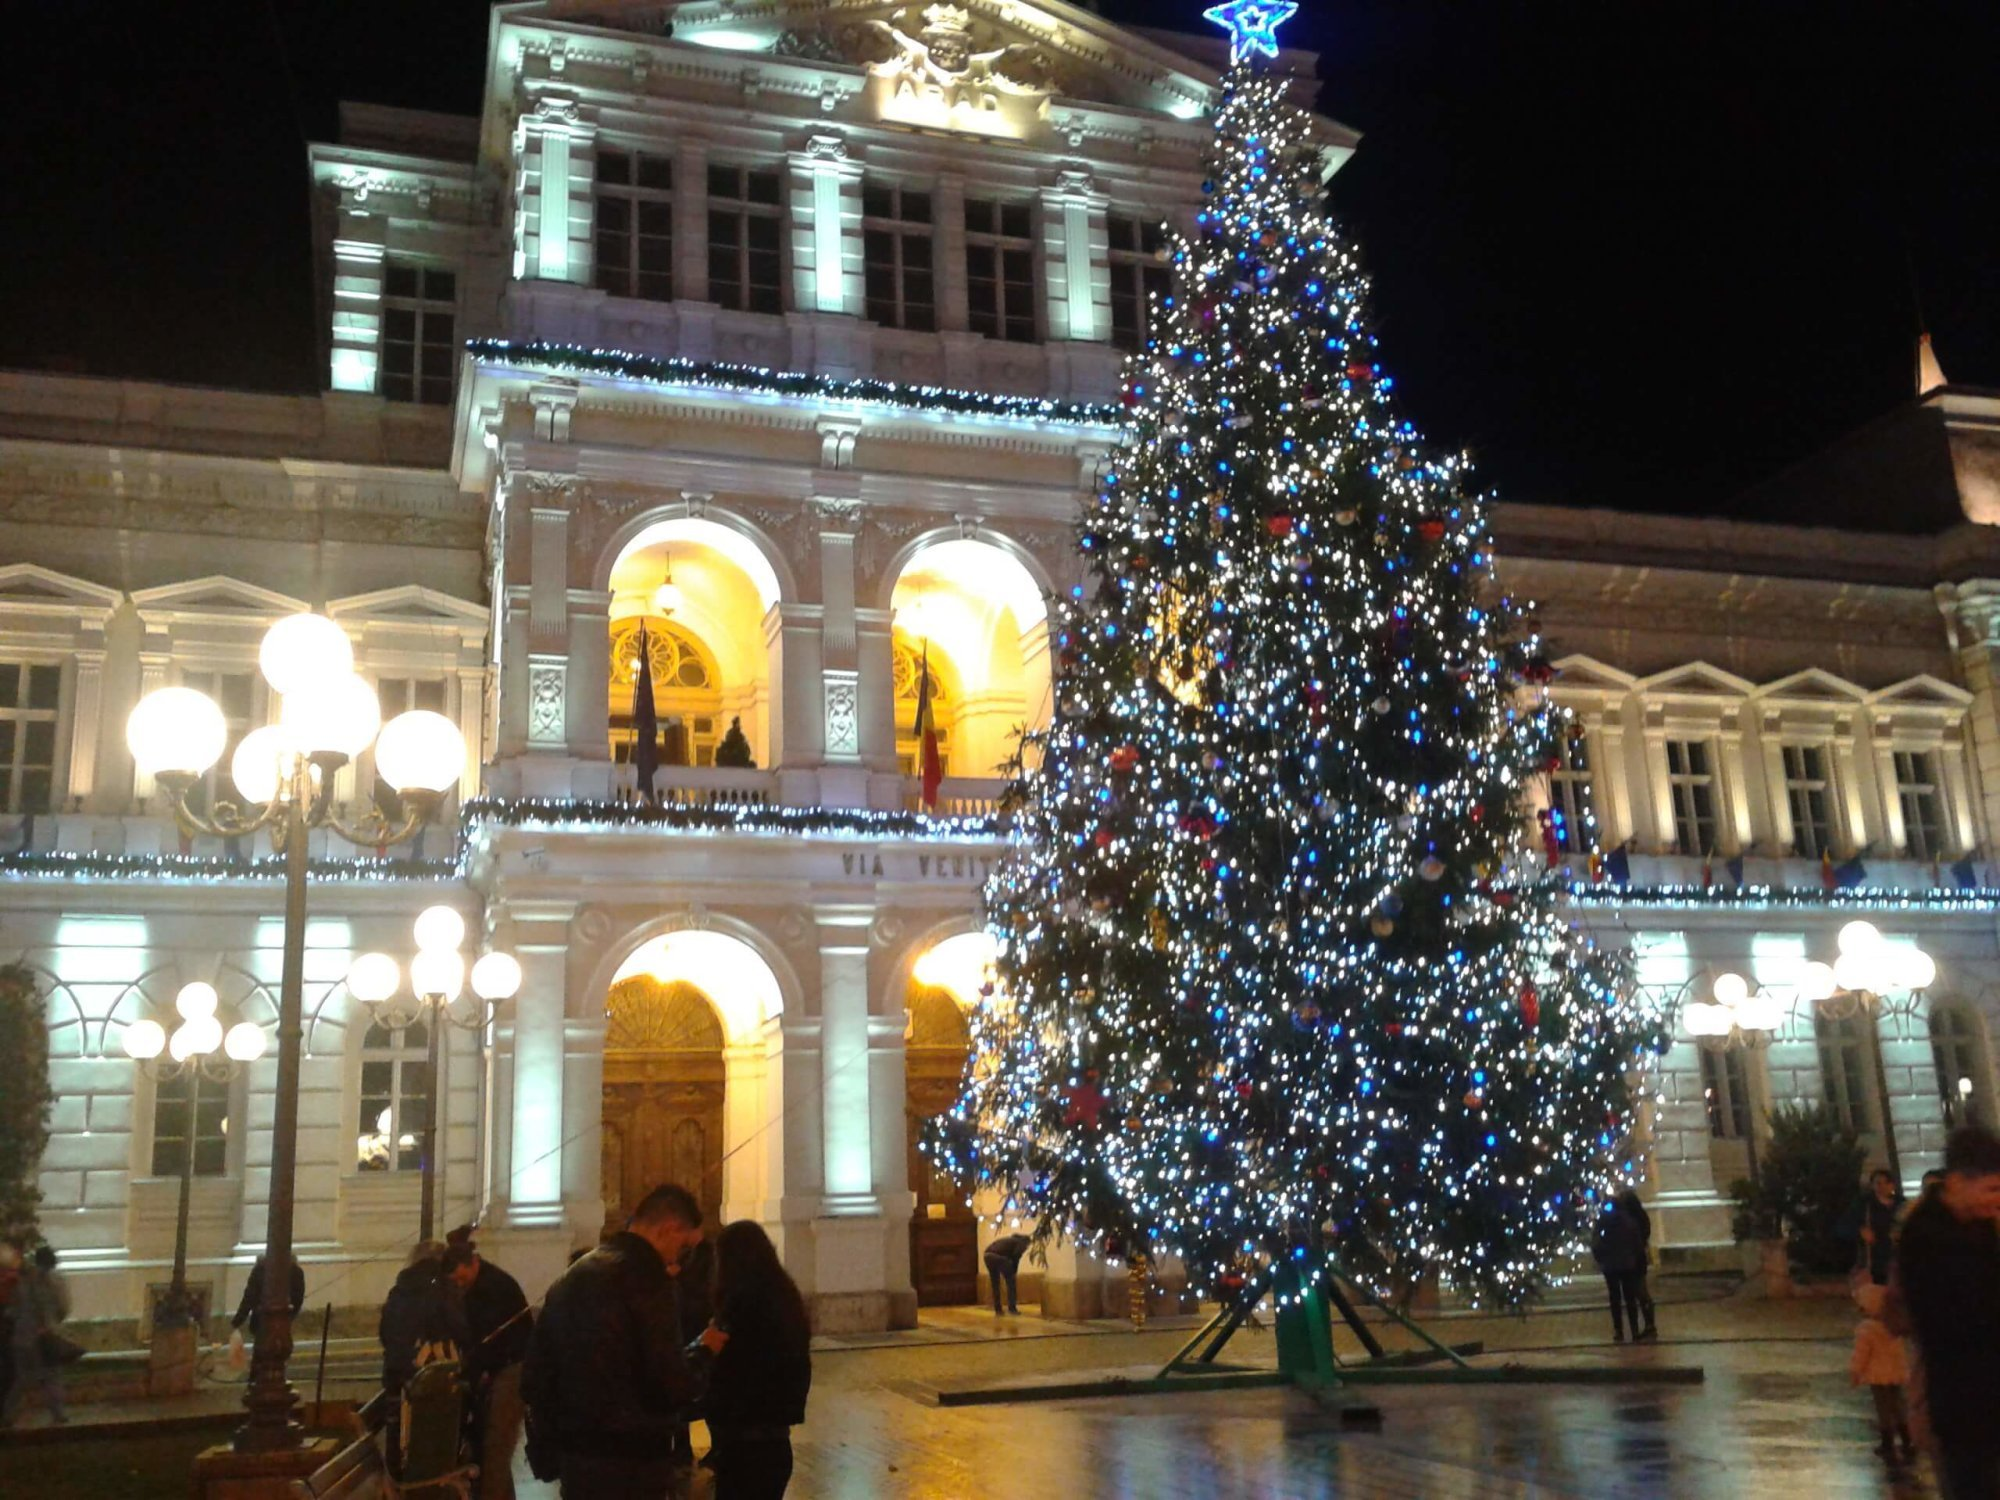 arad city hall during Christmas time